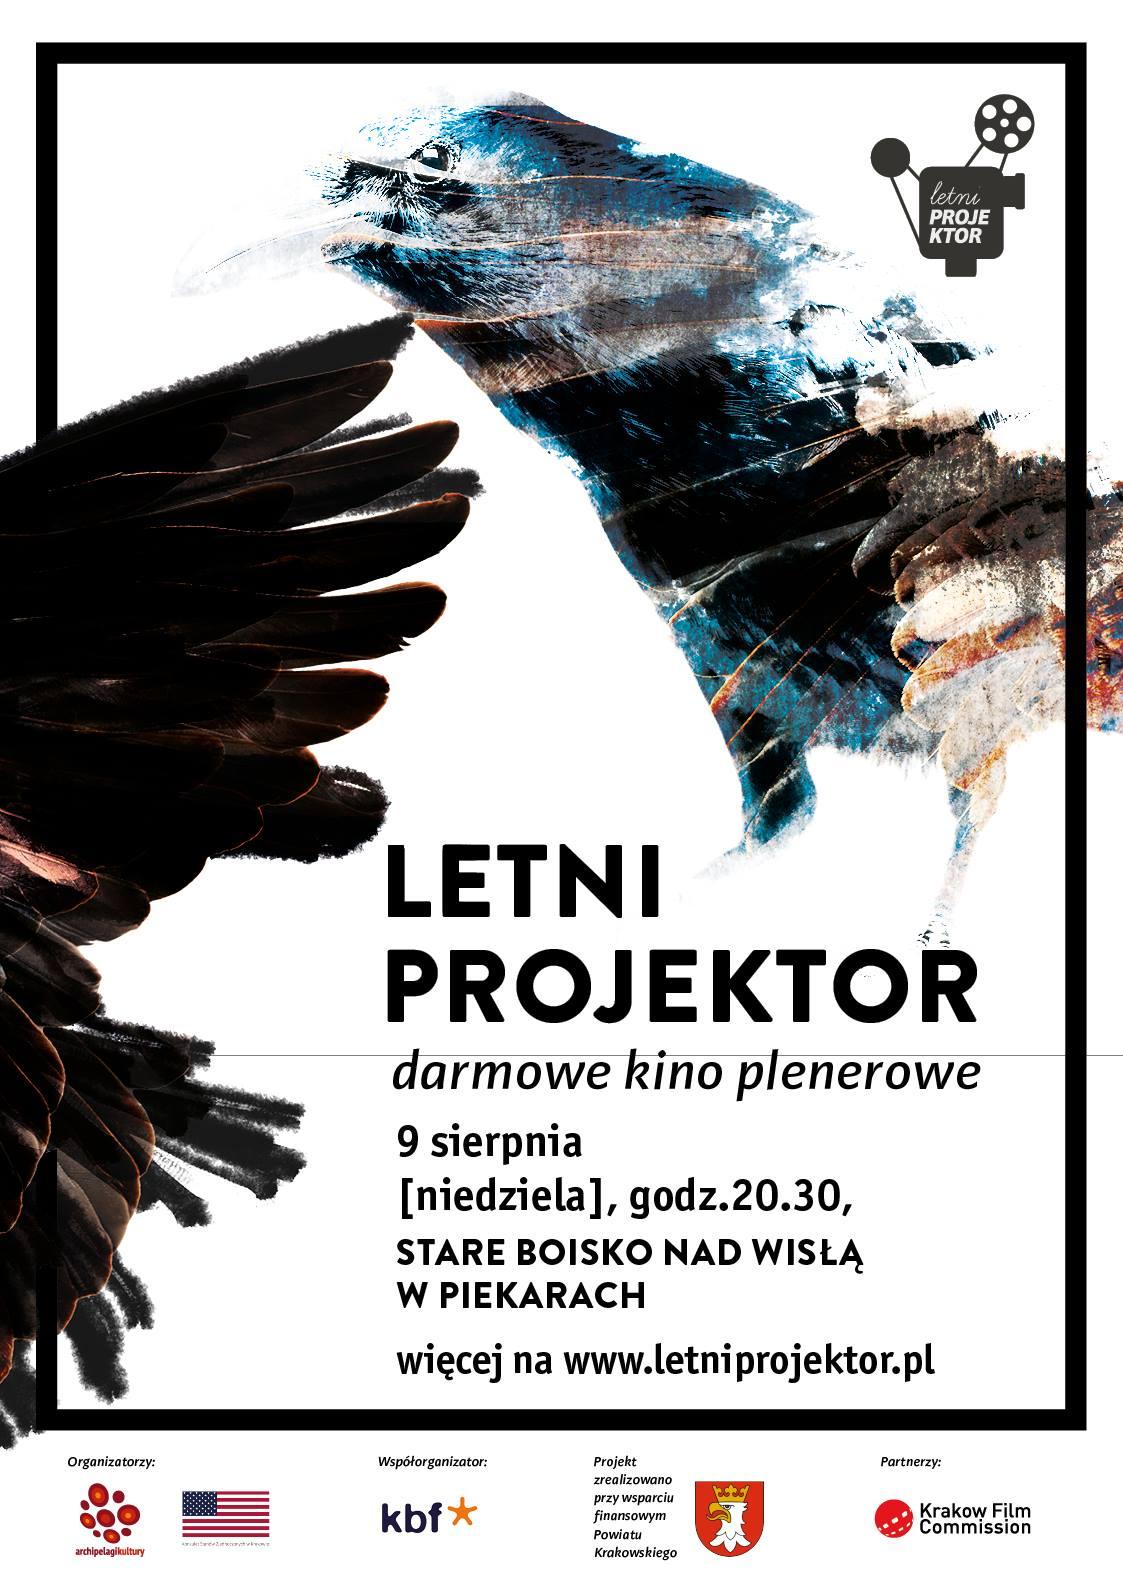 Letni Projektor - darmowe kino plenerowe @ Stare Boisko nad Wisłą | Piekary | małopolskie | Polska